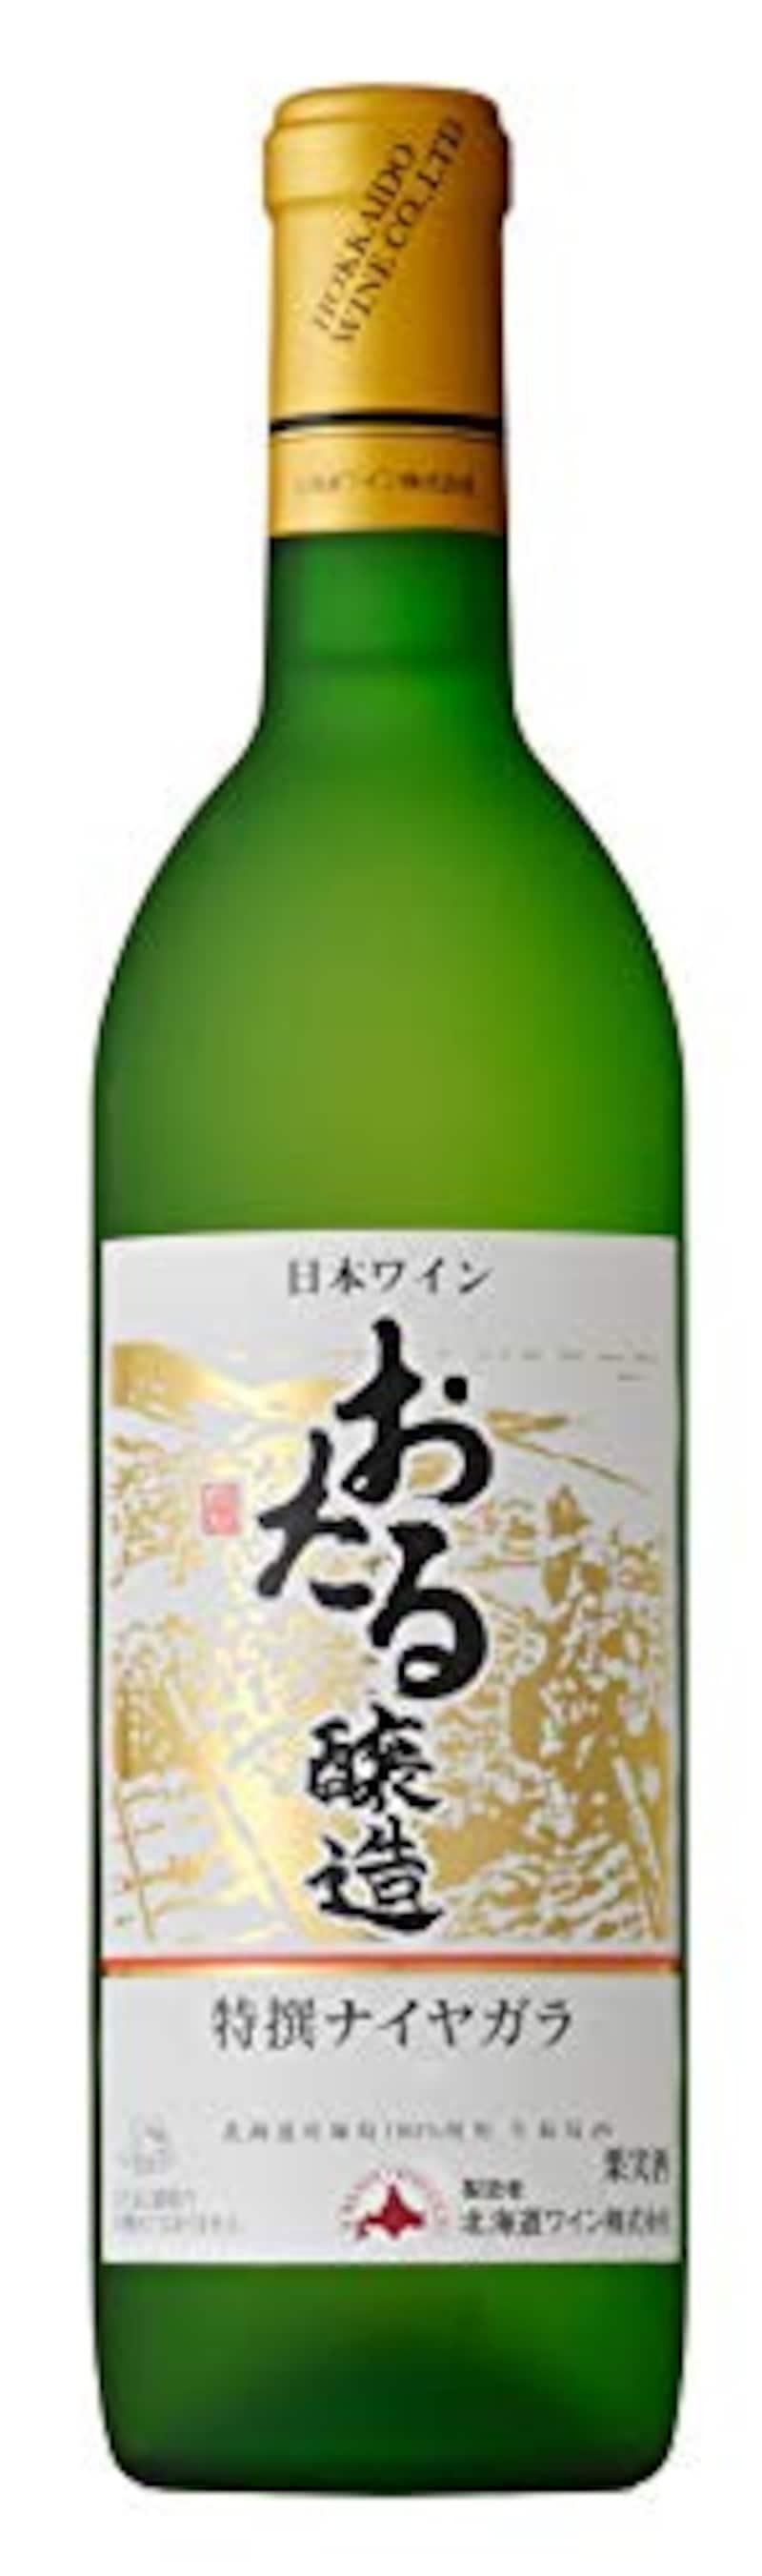 北海道ワイン,おたる特撰ナイヤガラ